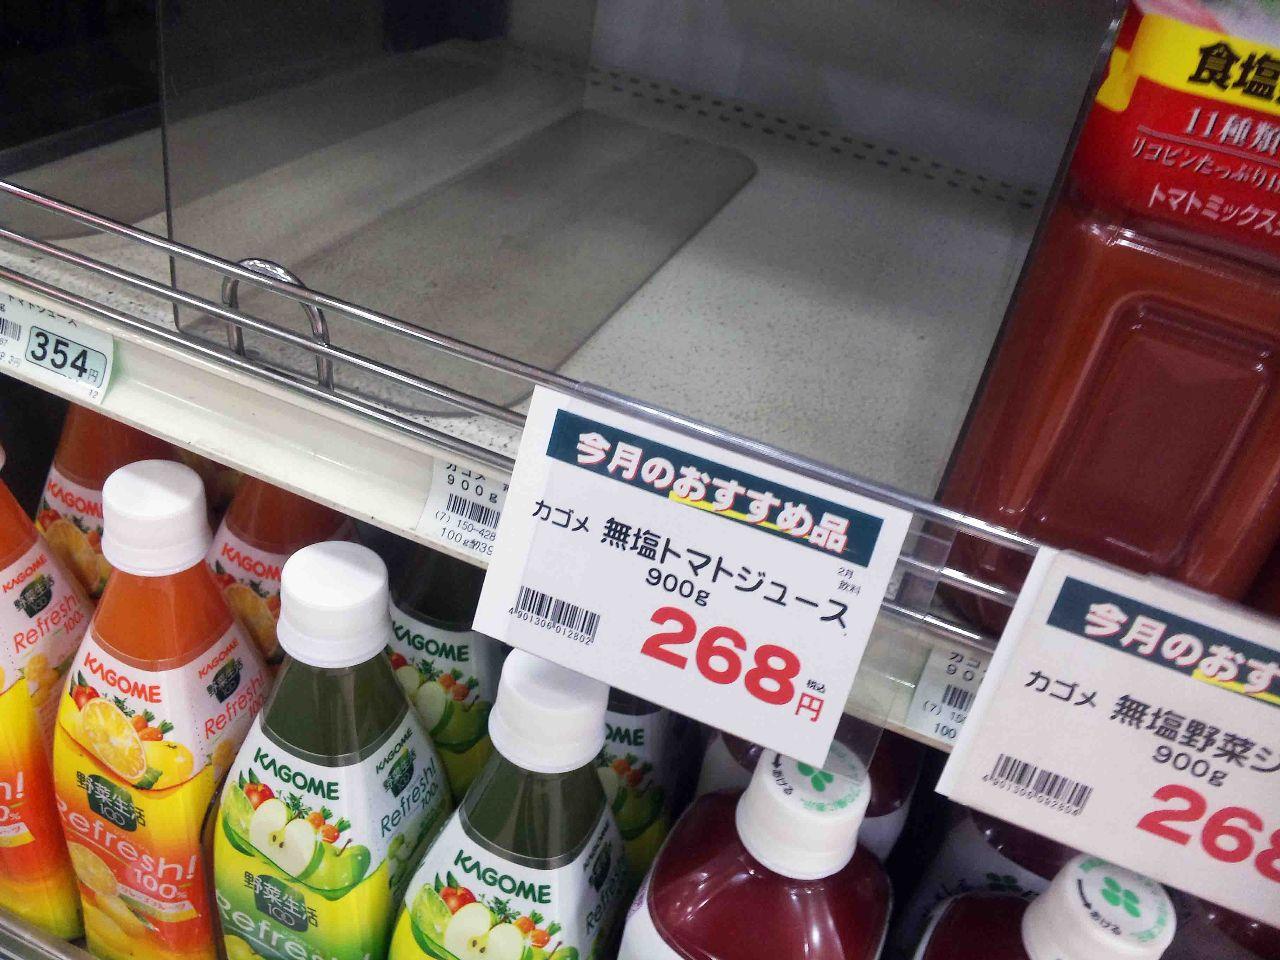 2586 - (株)フルッタフルッタ TV放送で爆発的に売れた食品例  杜仲茶、きな粉ダイエット、チョコレートダイエット、リンゴ酢、納豆、